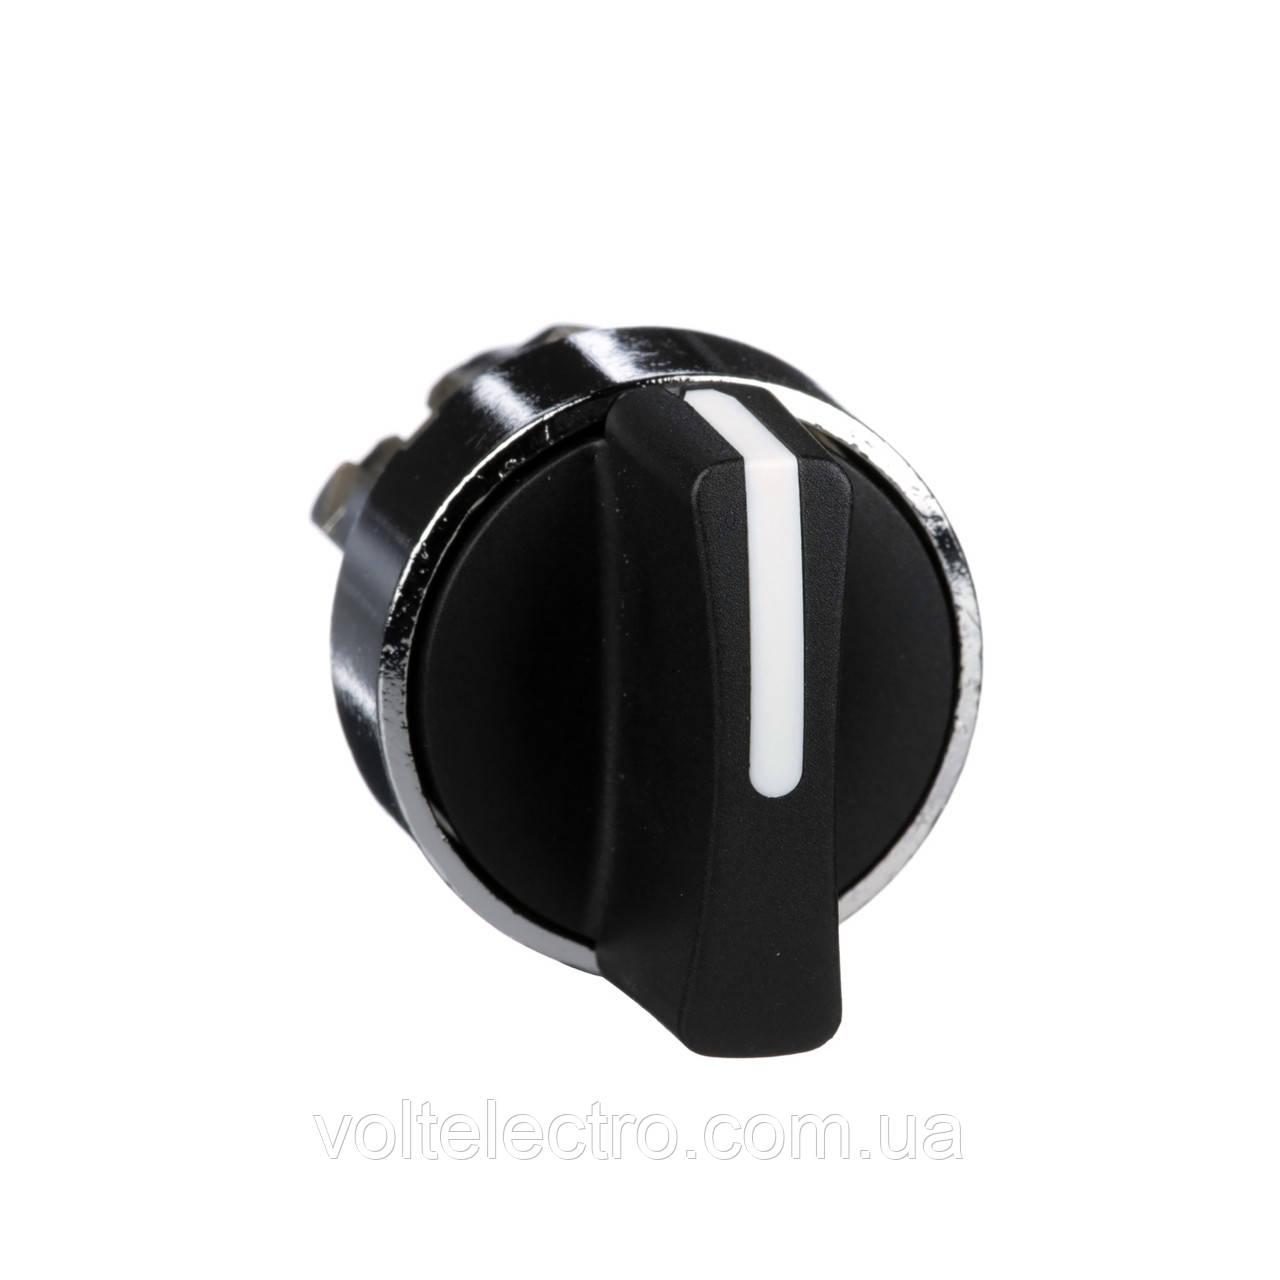 Головка для переключателя 22 мм 2 позиции черная